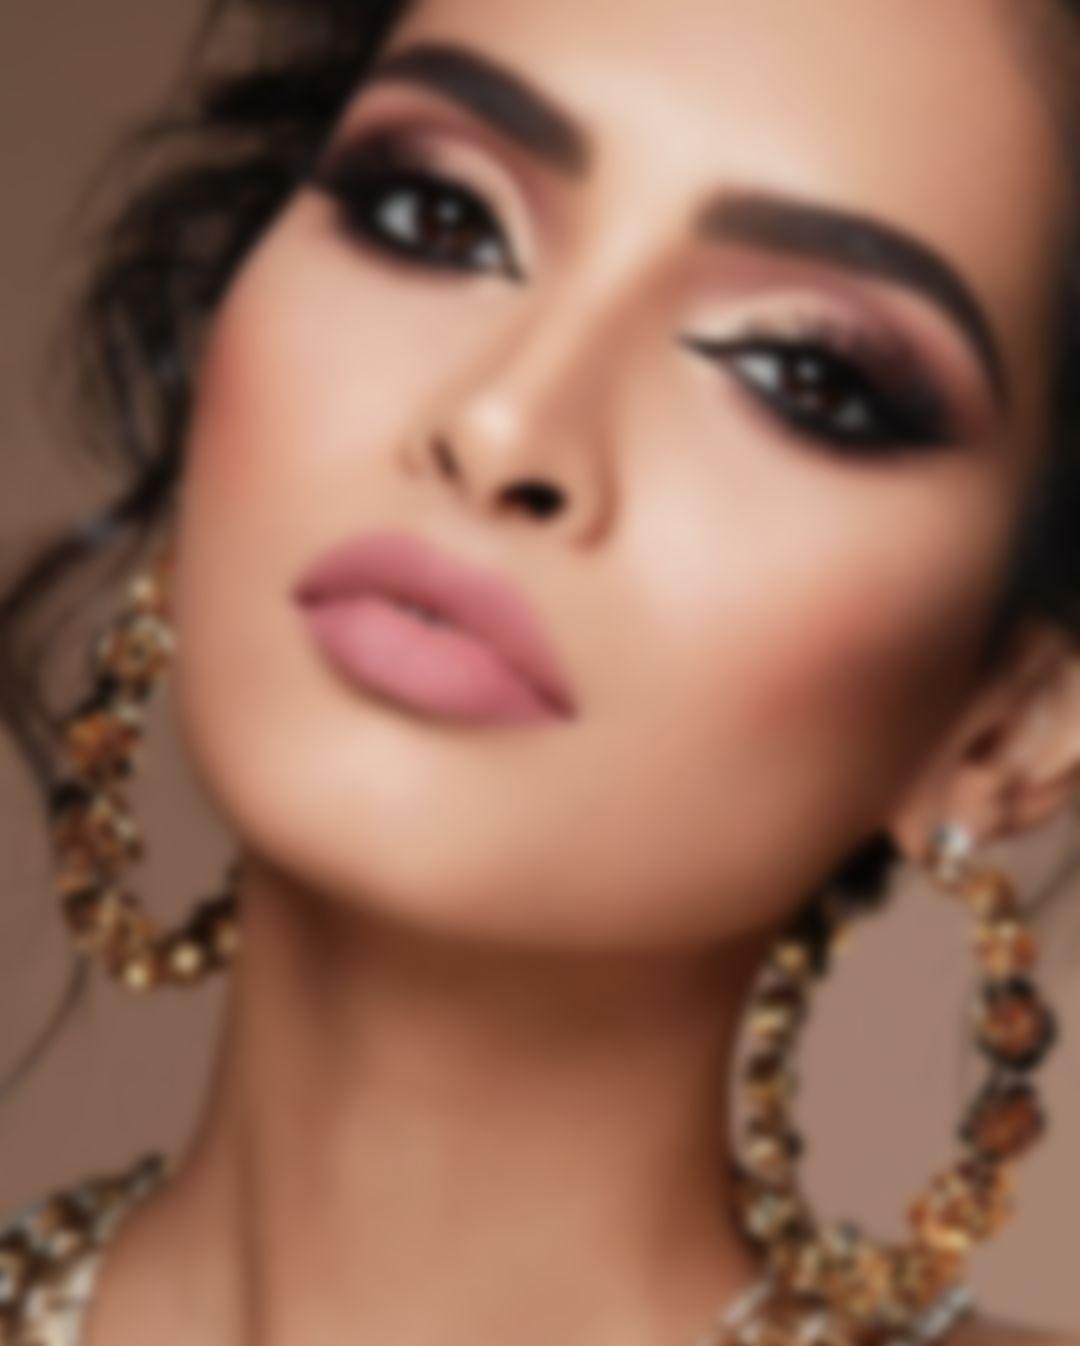 вечерний макияж фото в картинках путь популярных блогеров